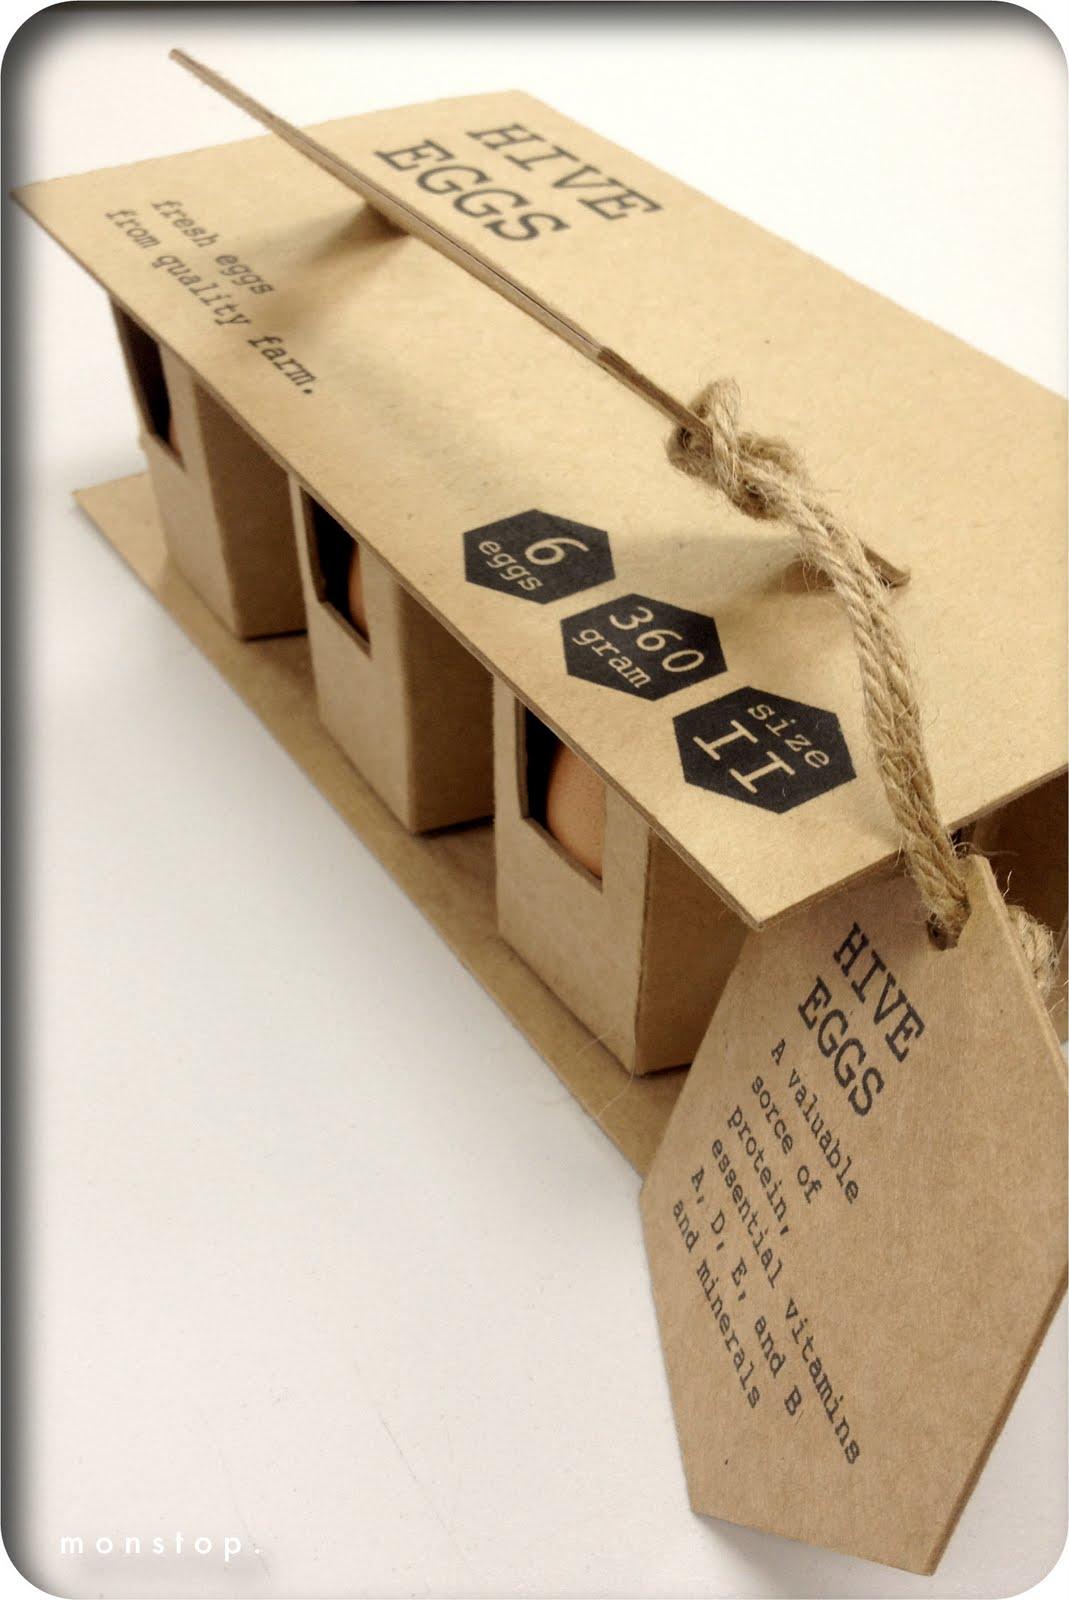 m o n s t o p packaging design egg packaging